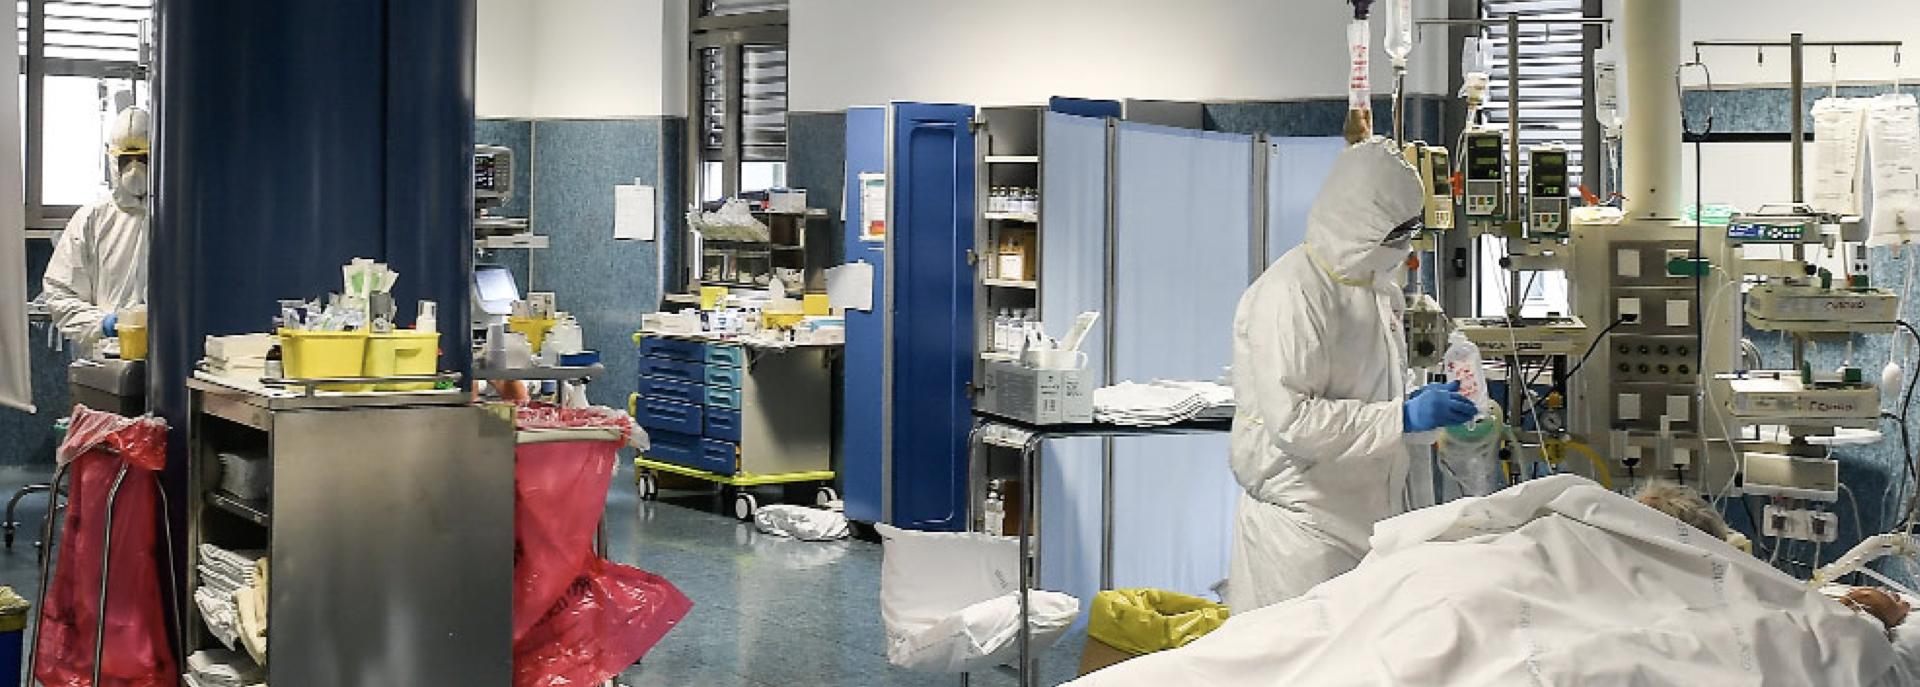 La Terapia Intensiva ai tempi del Coronavirus: la parola al Dott. Guatteri